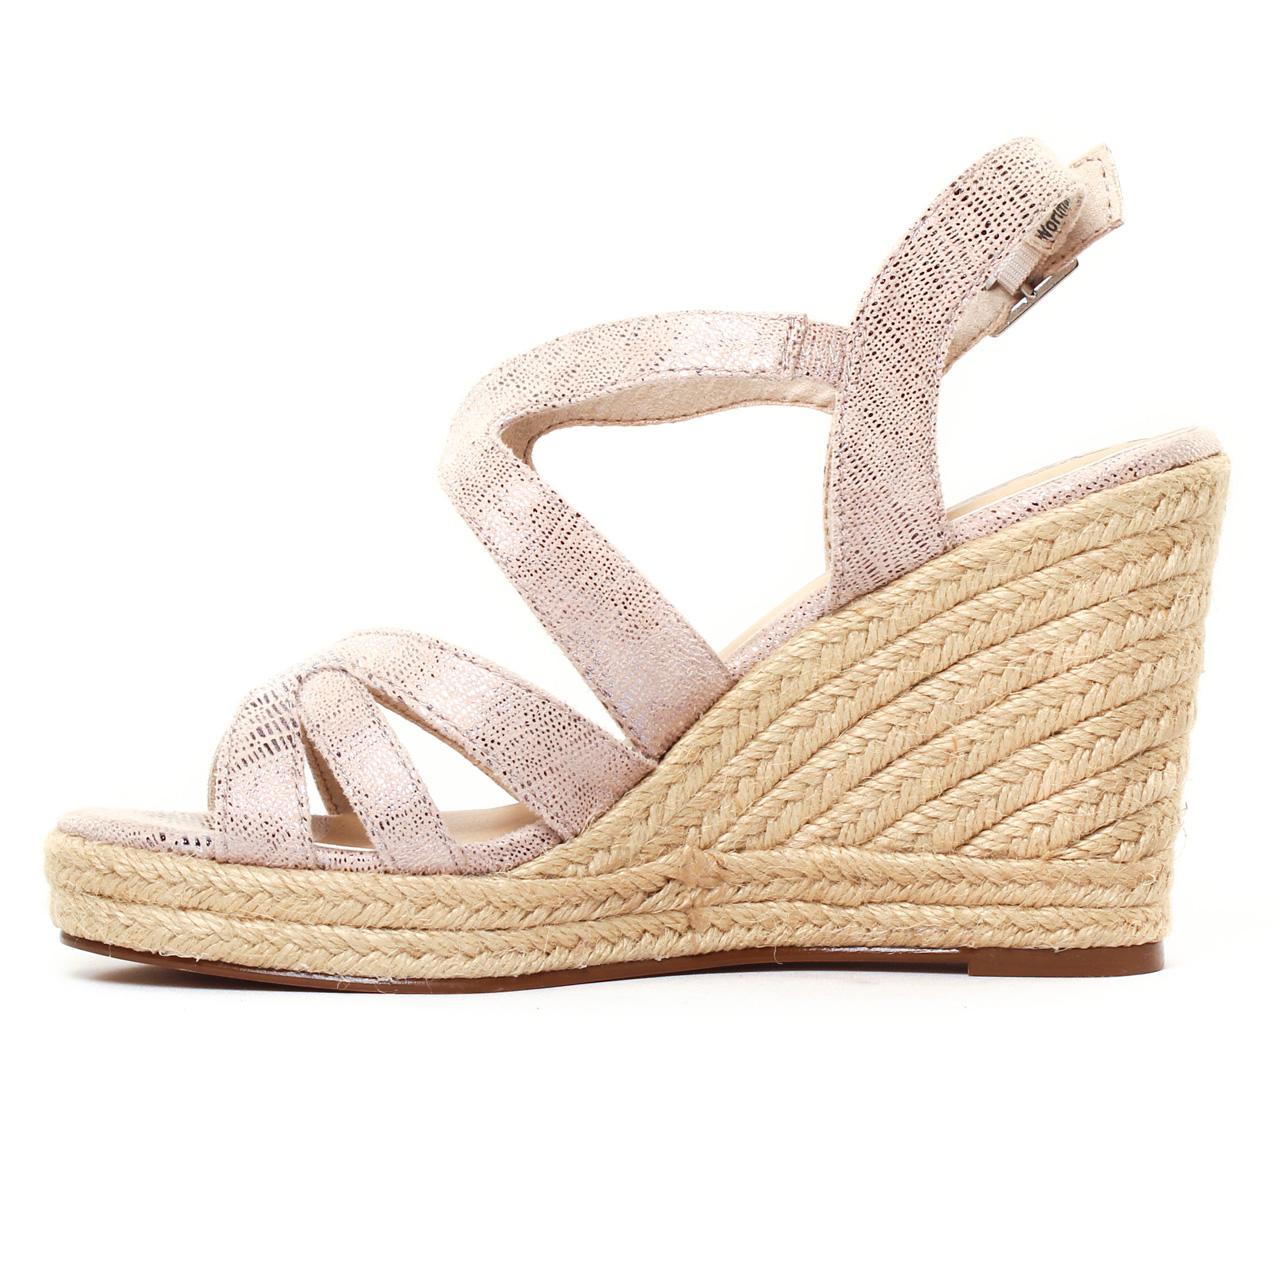 c79f5edcb42 Comment chaussures compensées en anglais - Chaussure - lescahiersdalter